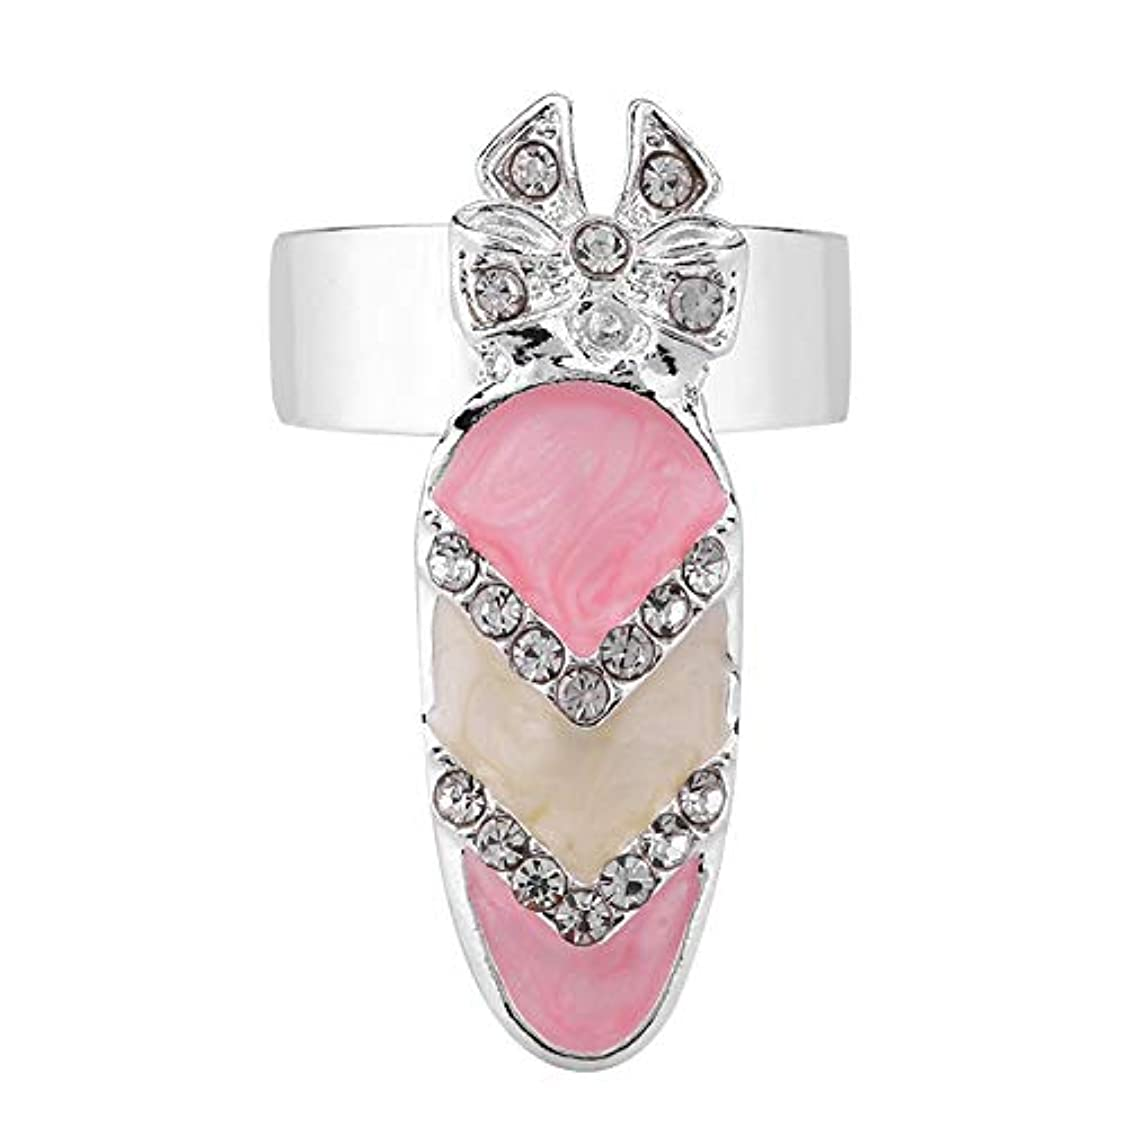 前任者叱る野心Semmeちょう結びのナックルの釘のリング、指の釘の指輪6種類のちょう結びの水晶指の釘の芸術のリングの女性の贅沢な指の釘のリングの方法ちょう結びの釘の釘のリングの装飾(5#)